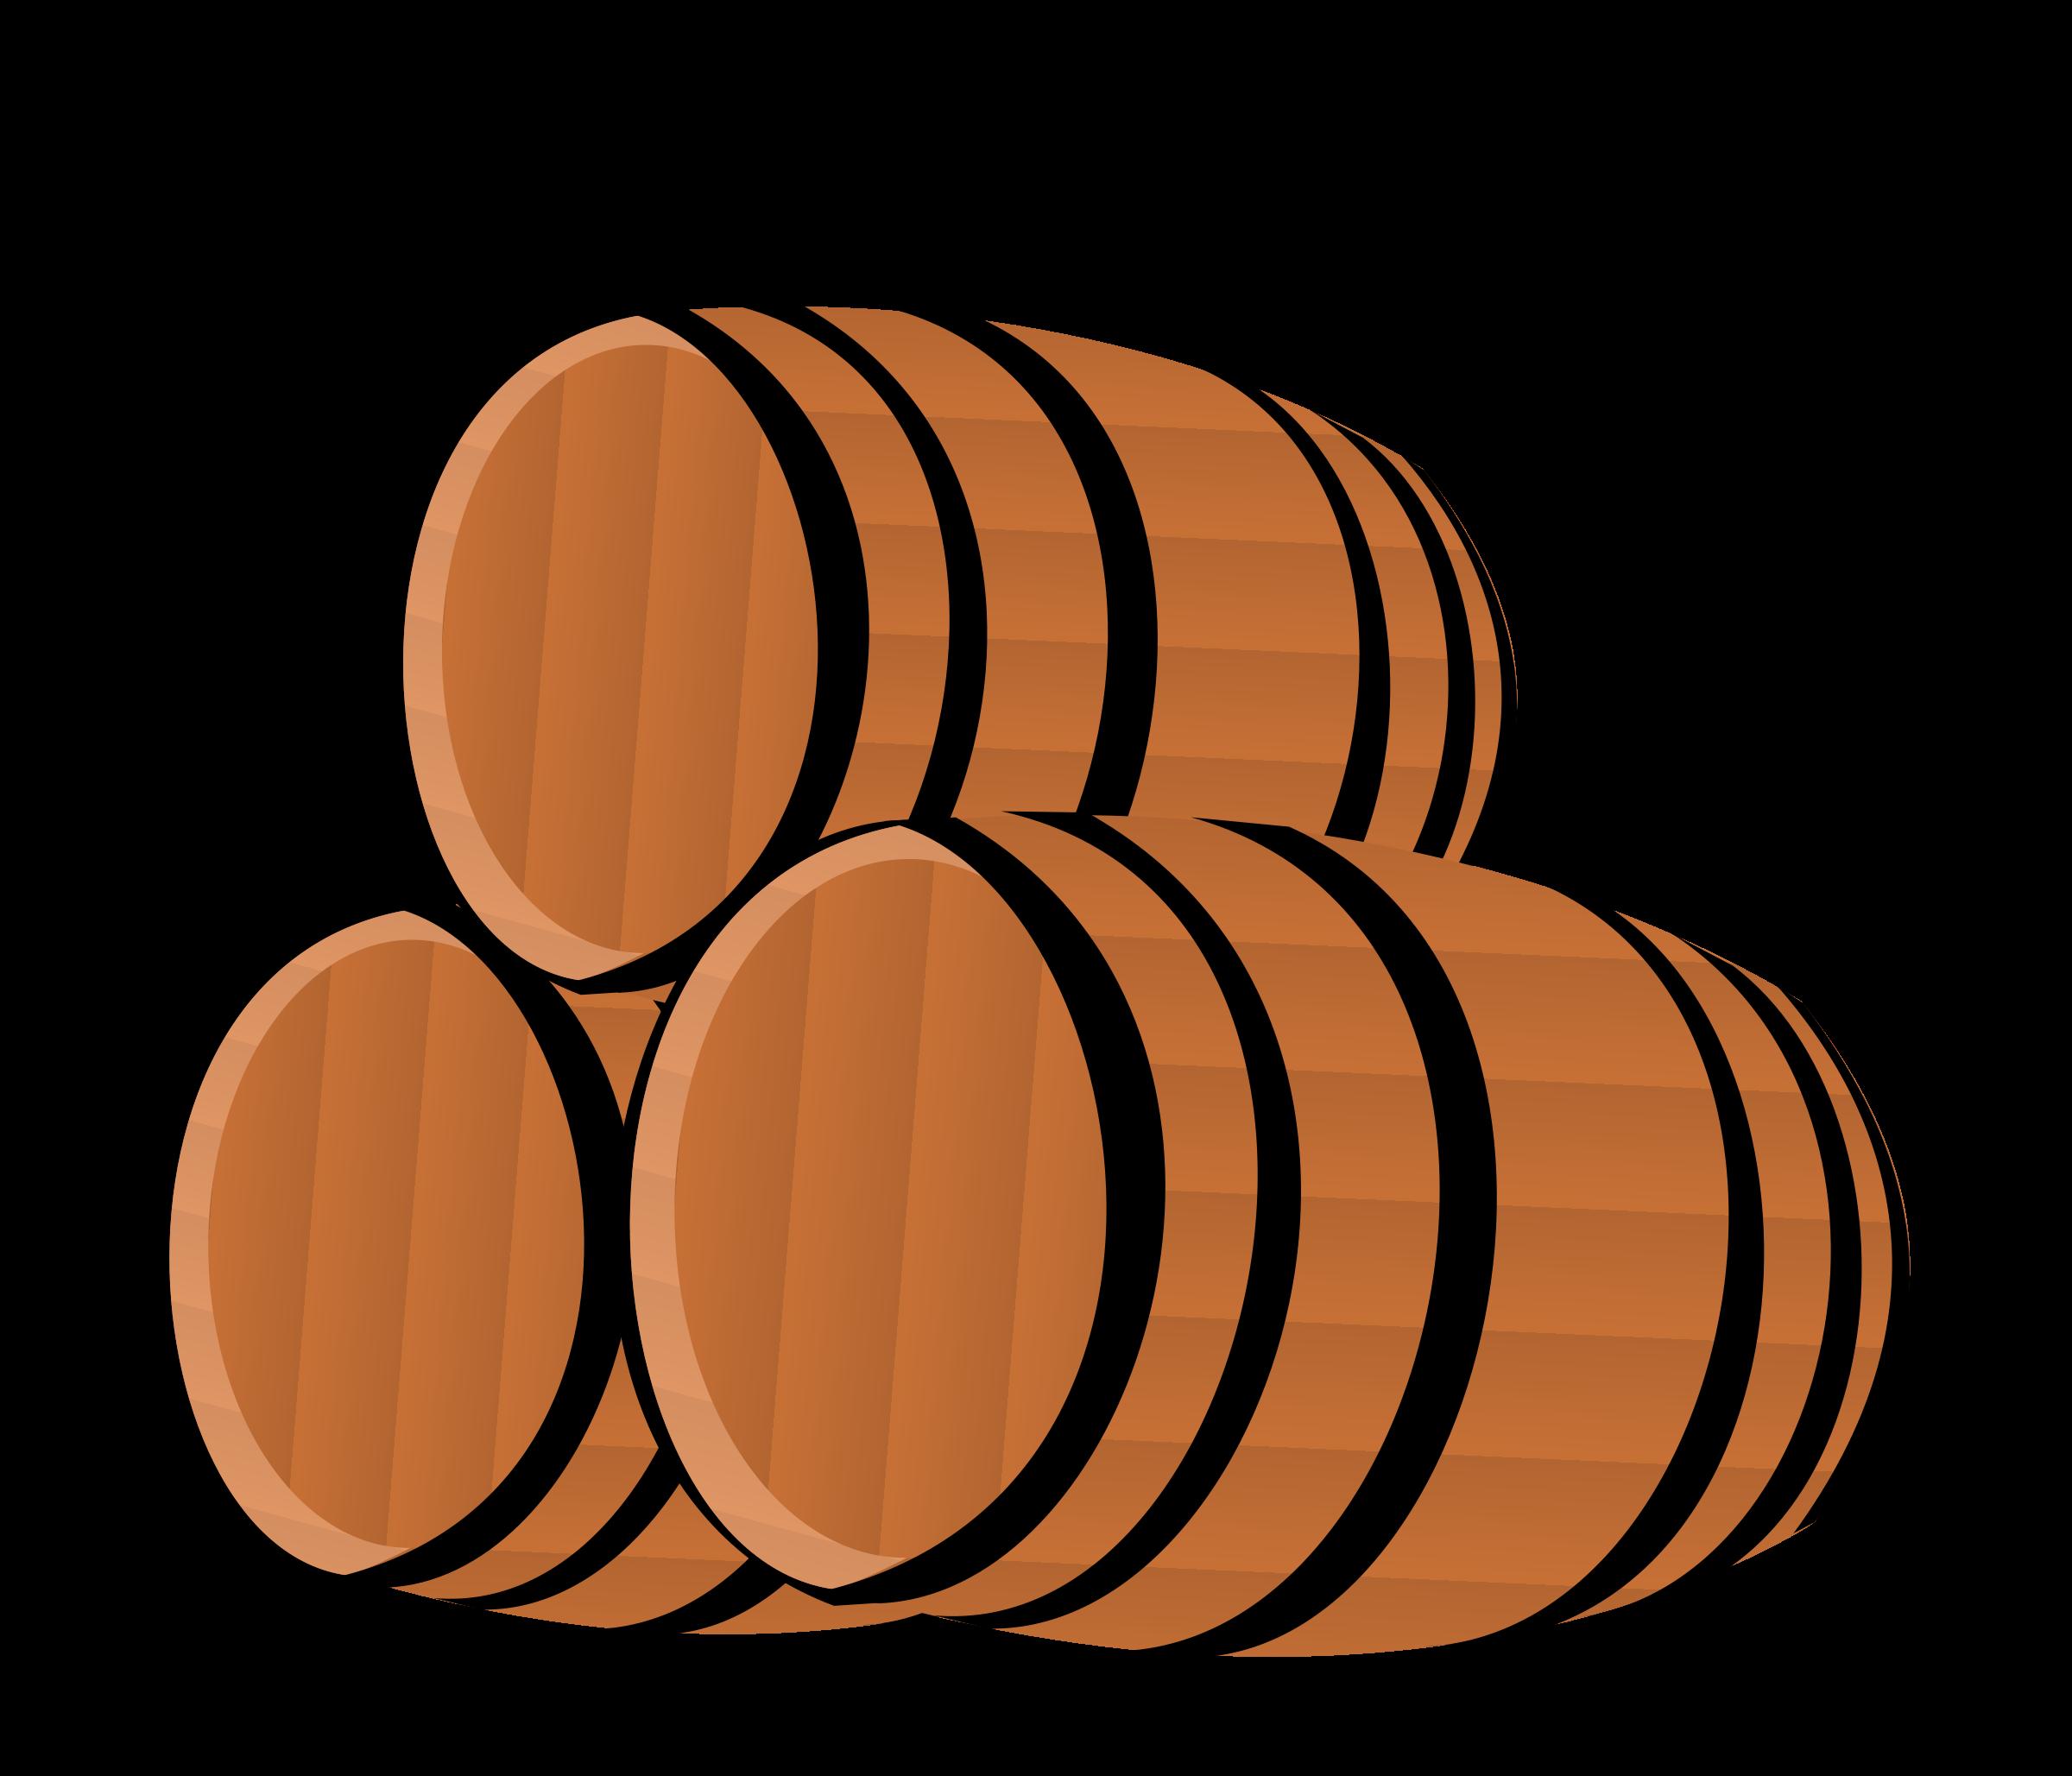 Free Barrel Cliparts Download Free Clip Art Free Clip